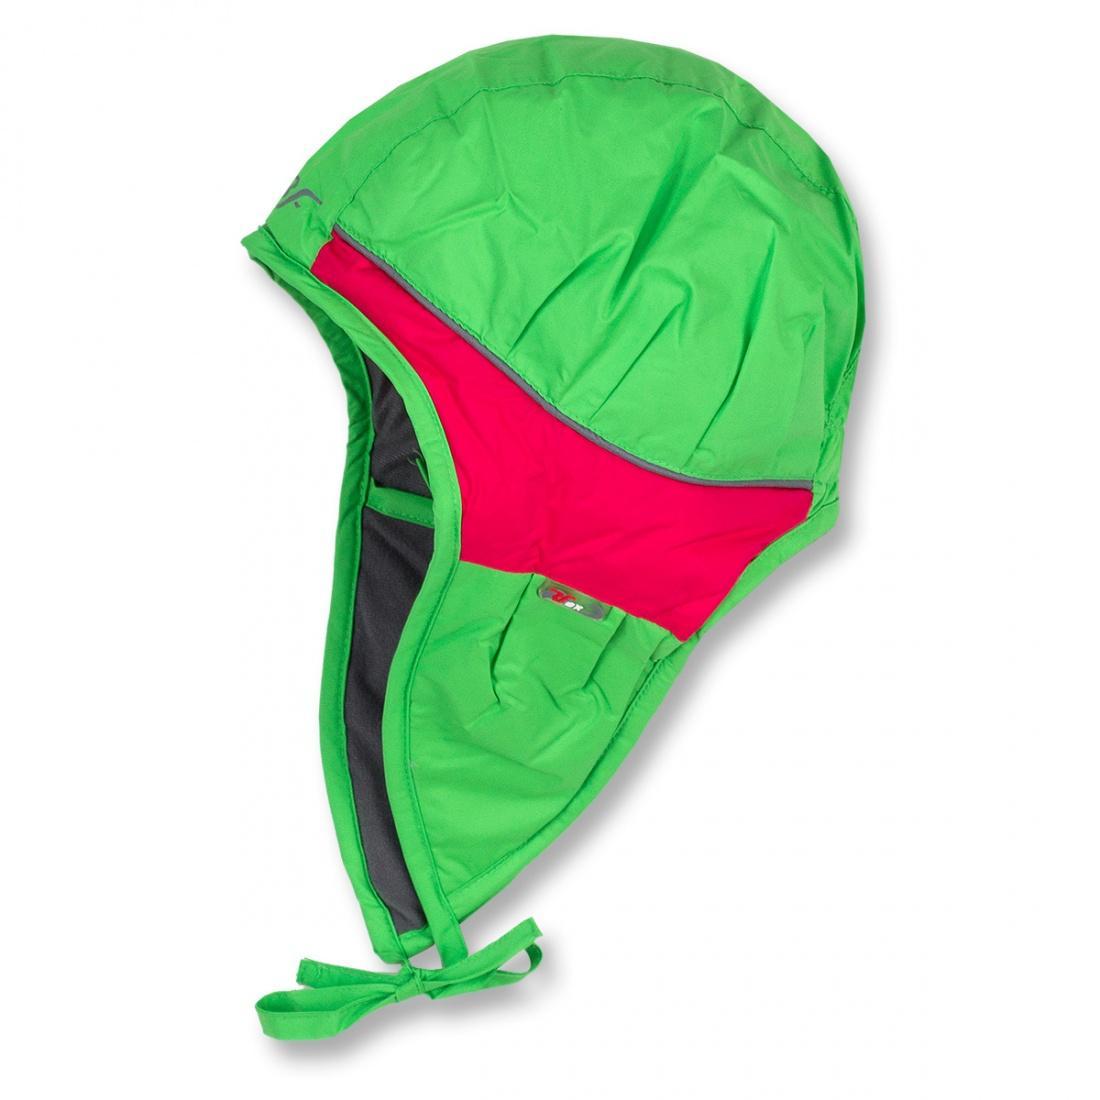 Шапка детская TressУшанки<br><br> Яркая контрастная шапочка прекрасно выделяет ребенка из толпы.<br><br> <br><br><br><br> Основной материал – Dry Factor 1000.<br><br> <br><br><br> Утеплитель – Omniterm Classic.<br><br> <br><br><br> Для детей от 1 до...<br><br>Цвет: Розовый<br>Размер: M